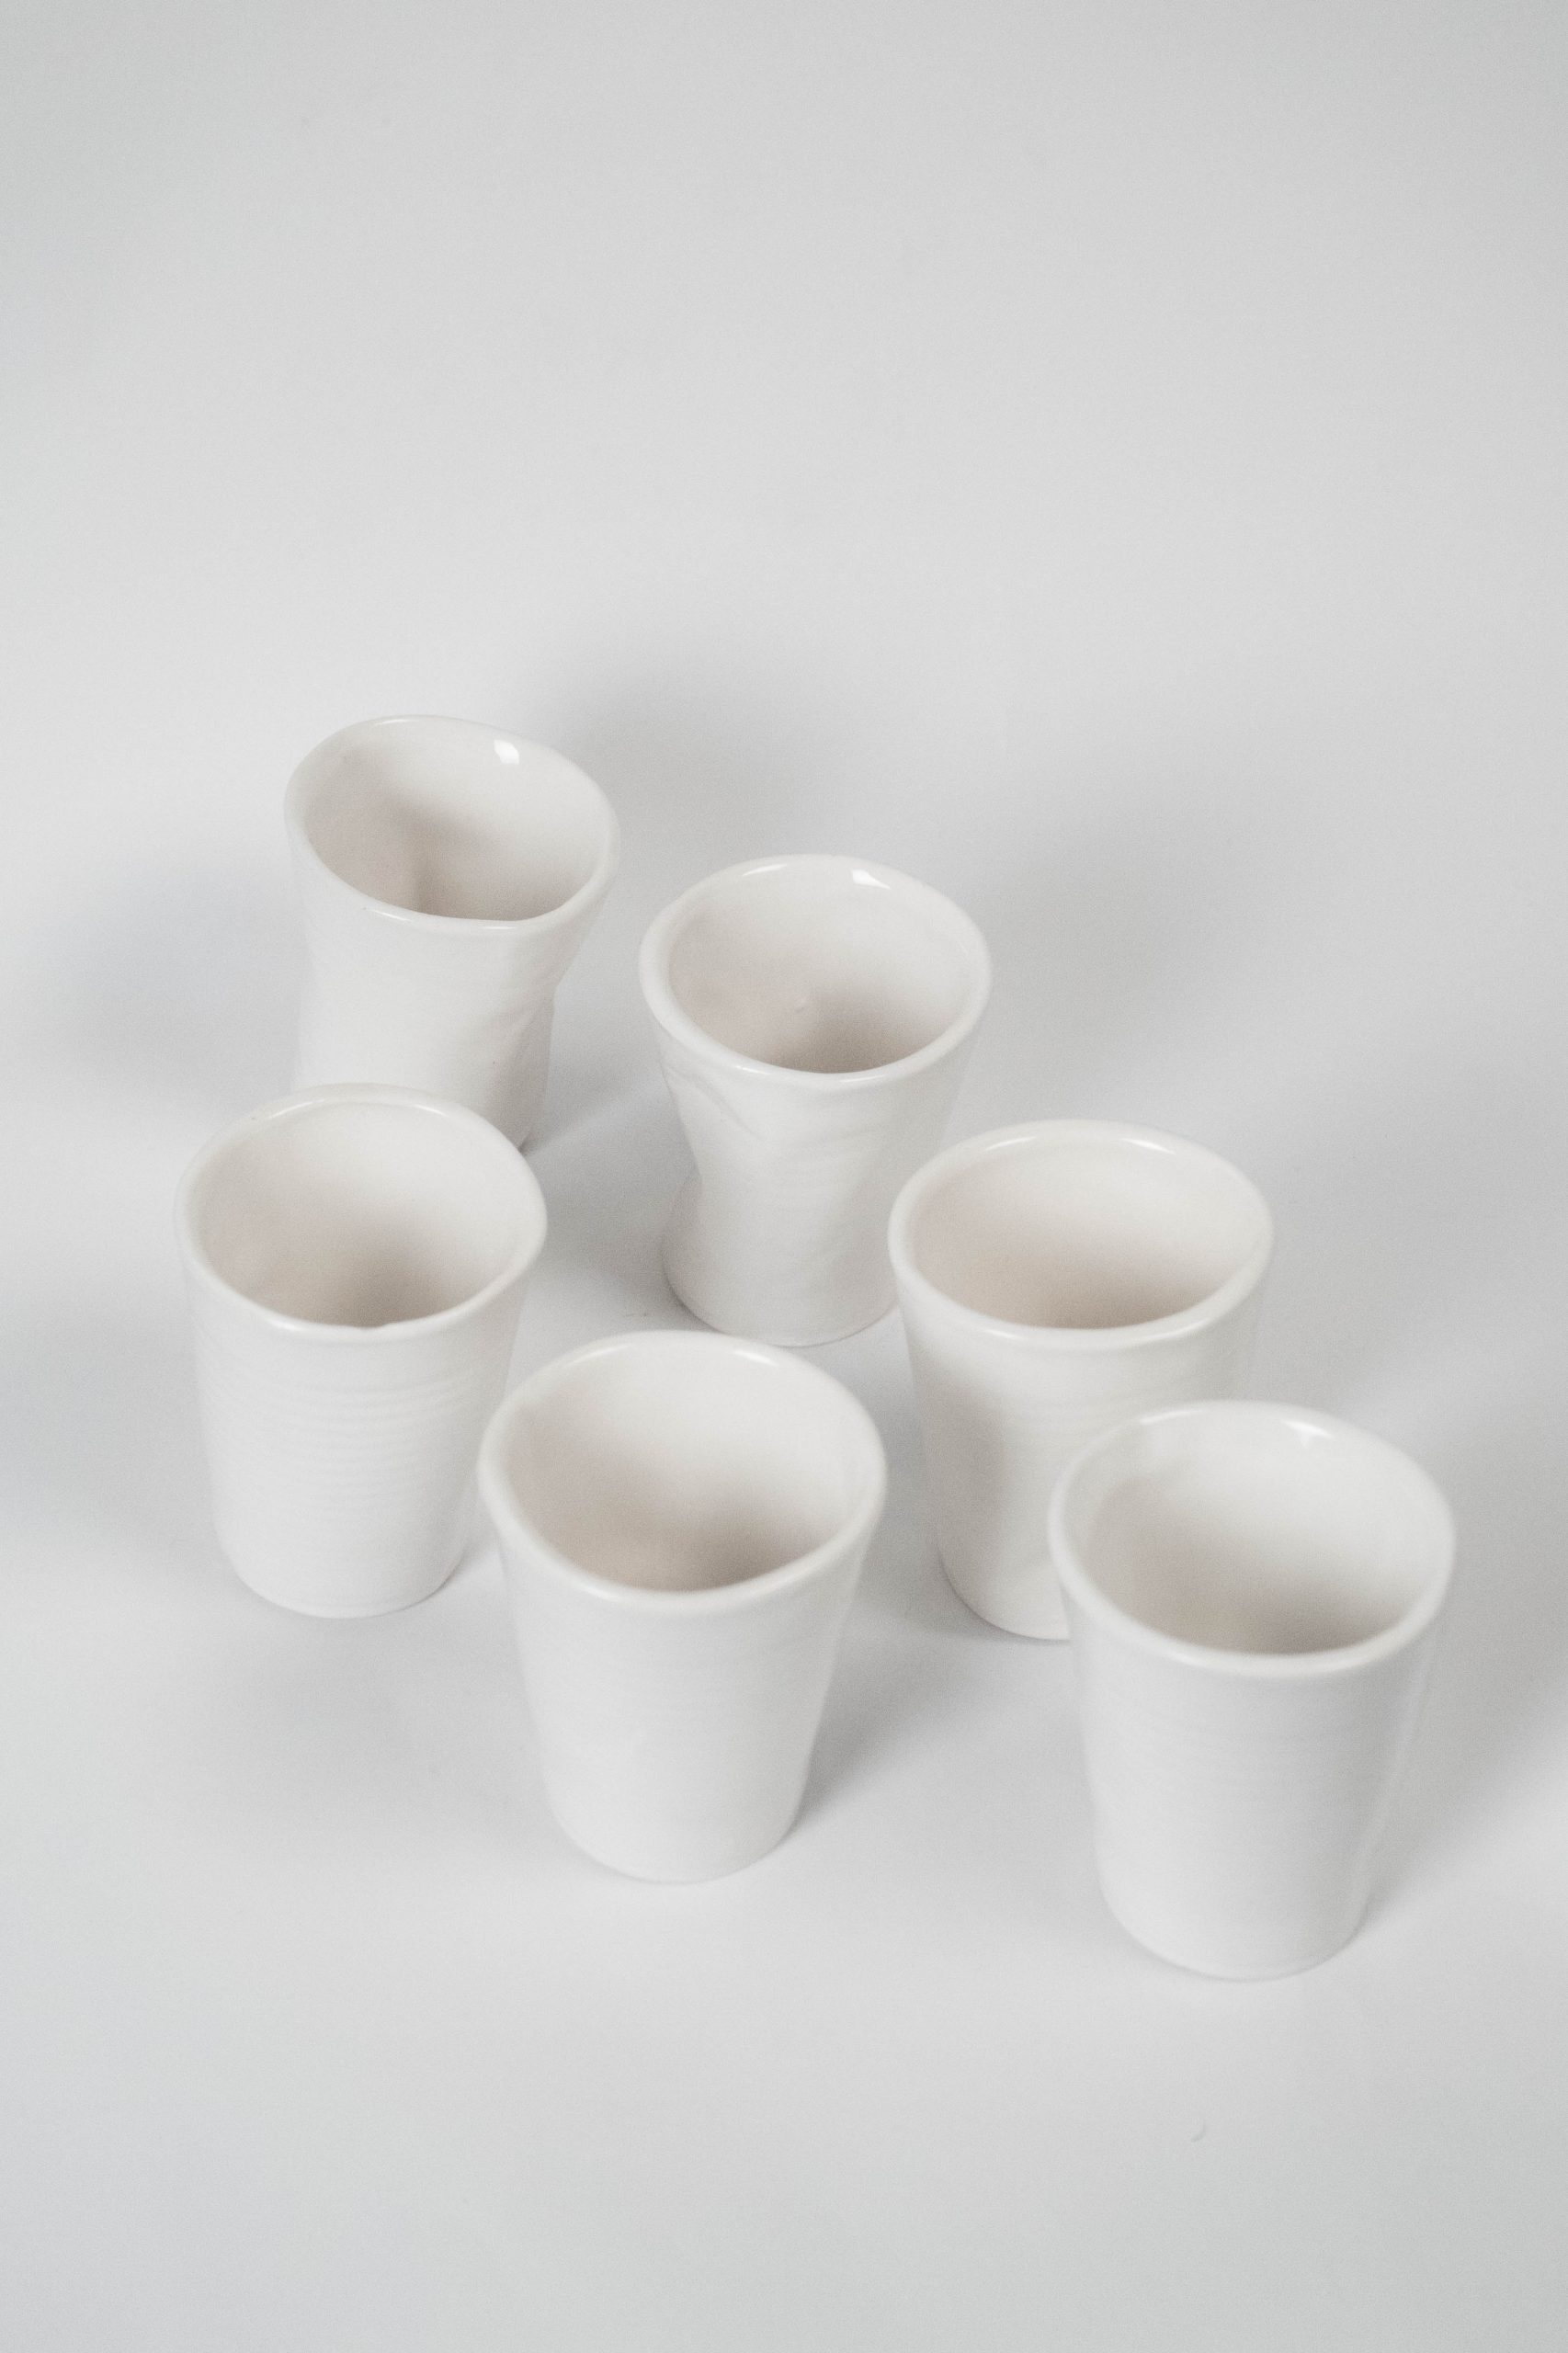 vasos ceramicos de loza blancos